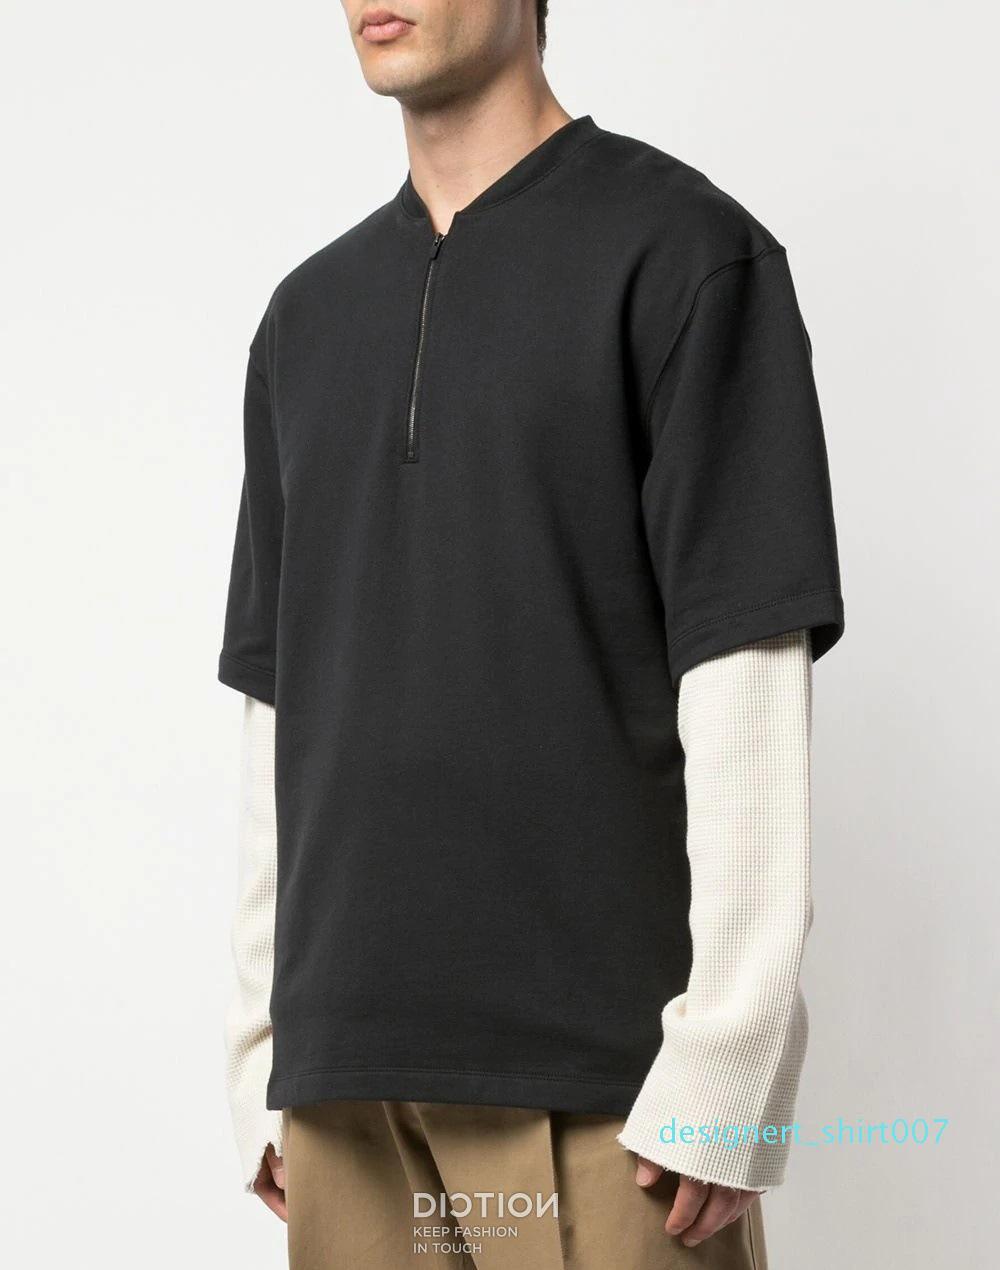 FOG crainte de Dieu T-shirt Patch High Street style hommes et femmes d'été à manches courtes T-shirt 25204d07